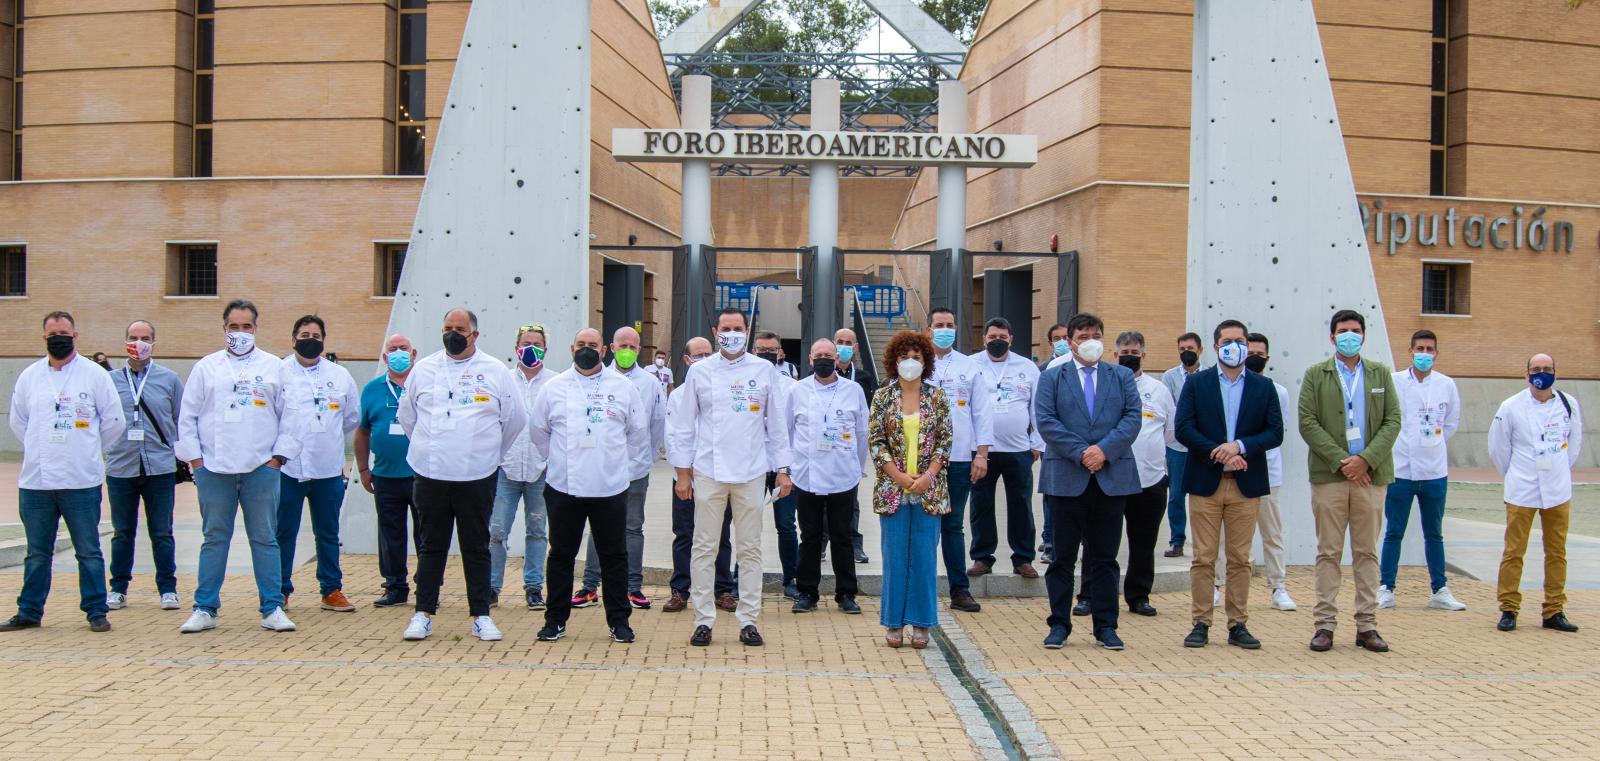 La gastronomía vinculada al turismo como sector estratégico para la provincia